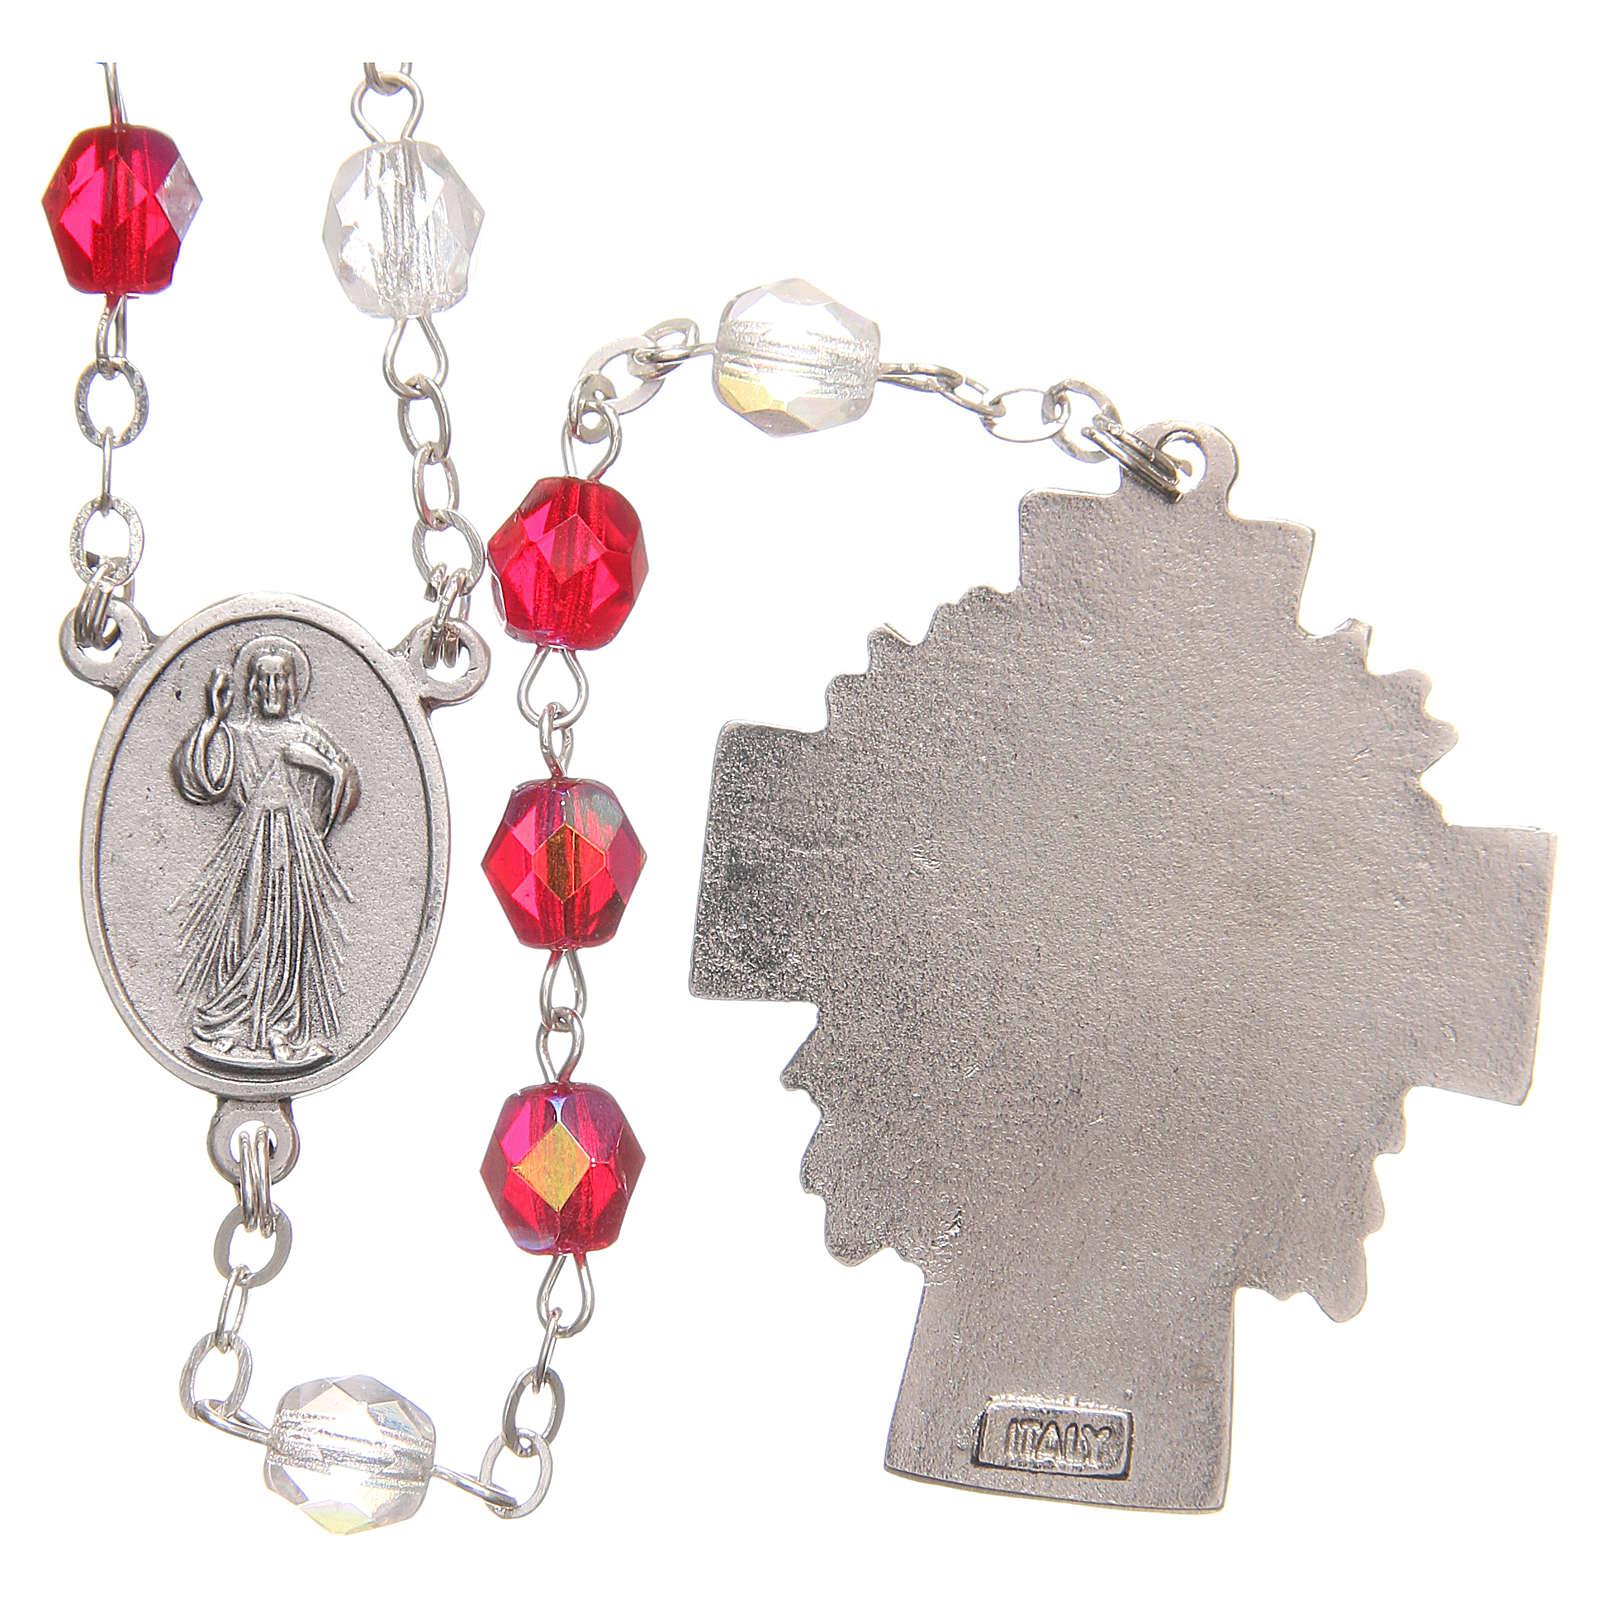 Chapelet Miséricorde Ste Faustine blanc et rouge en pvc 8 mm 4